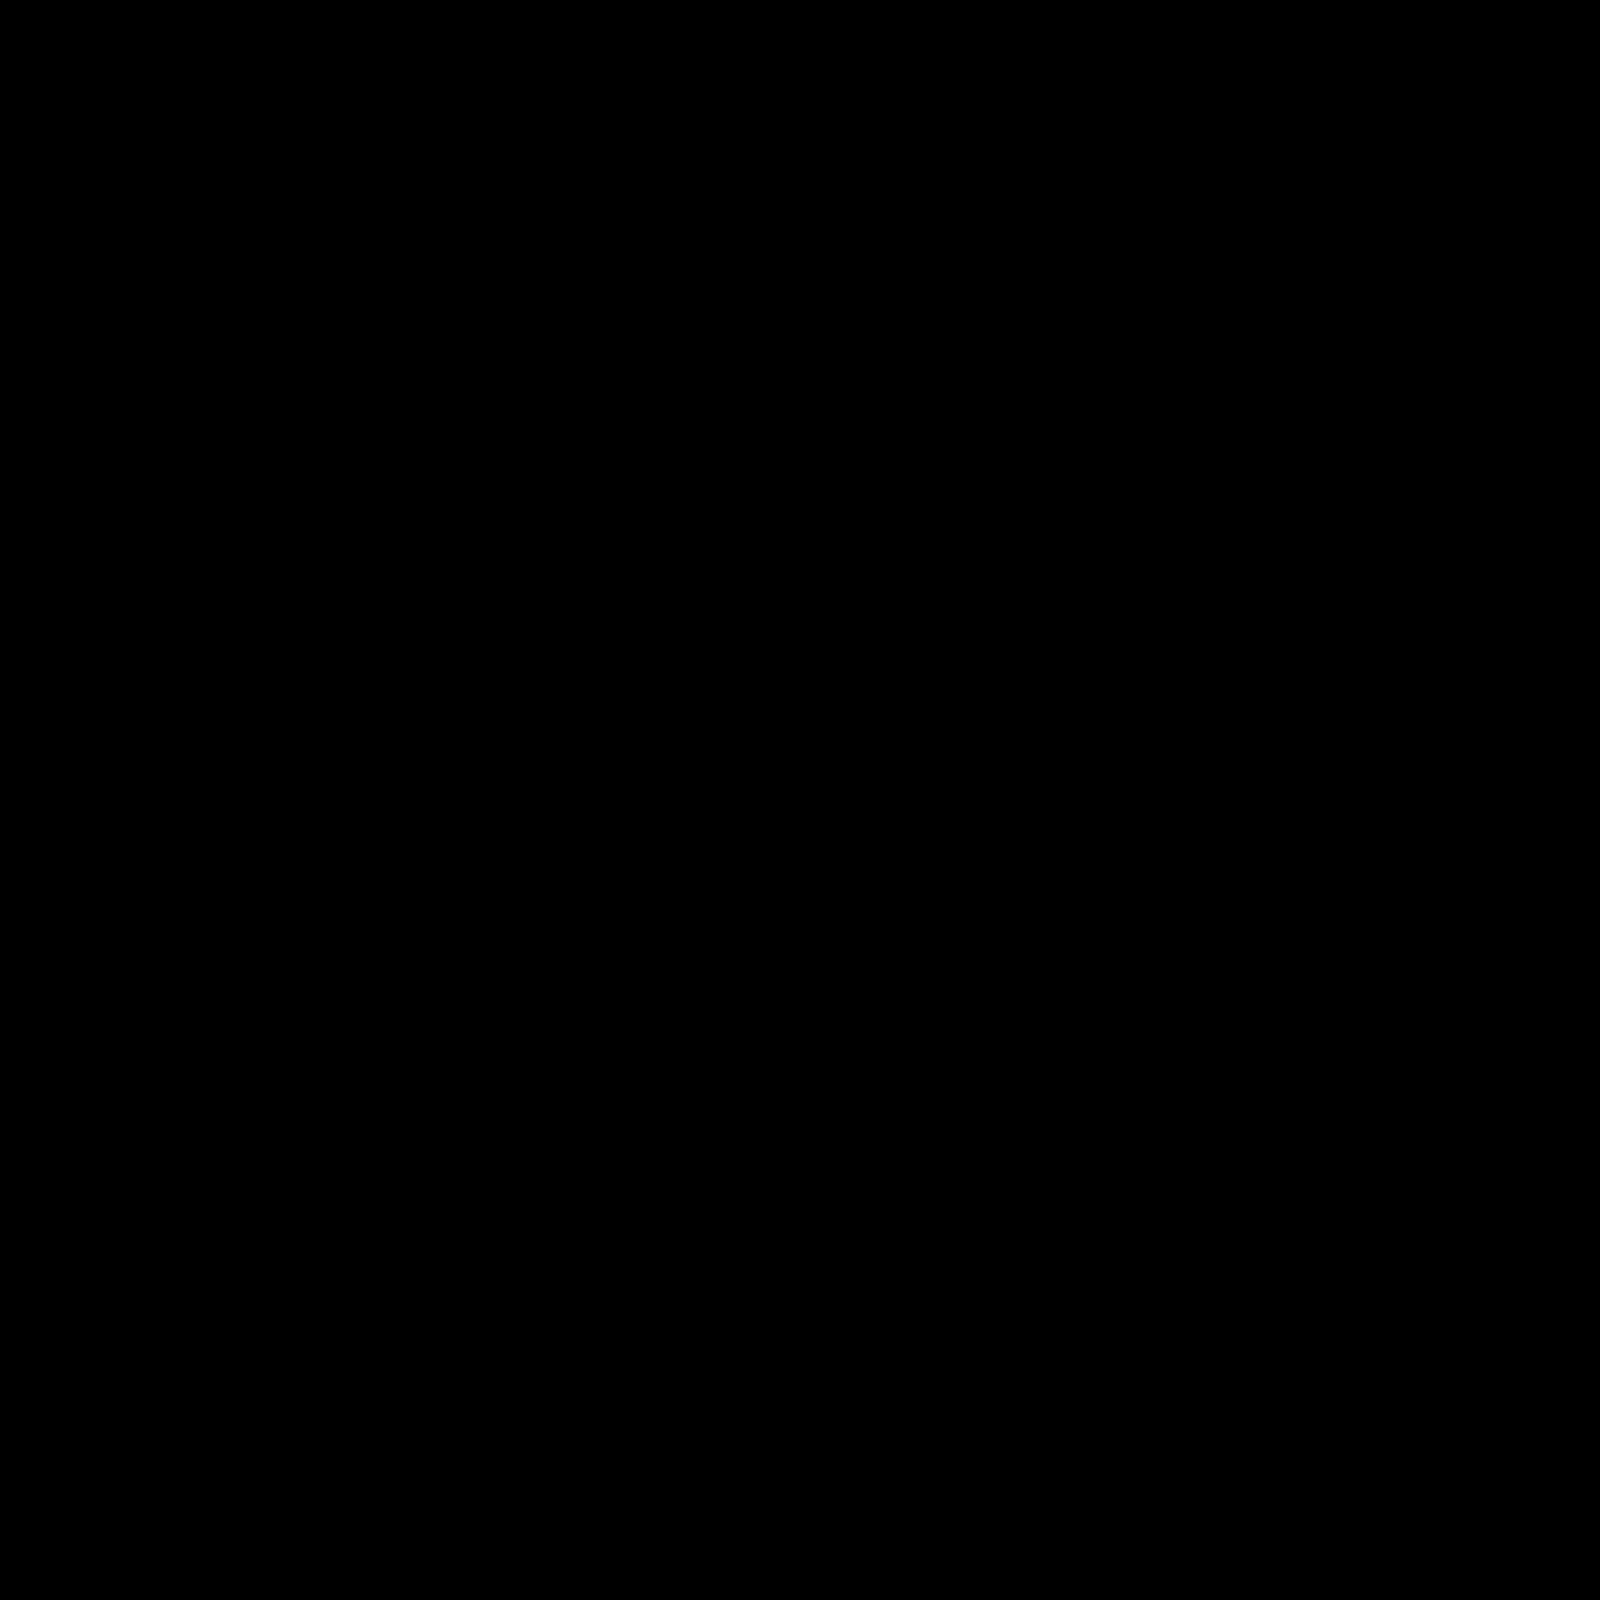 icon-easy-21